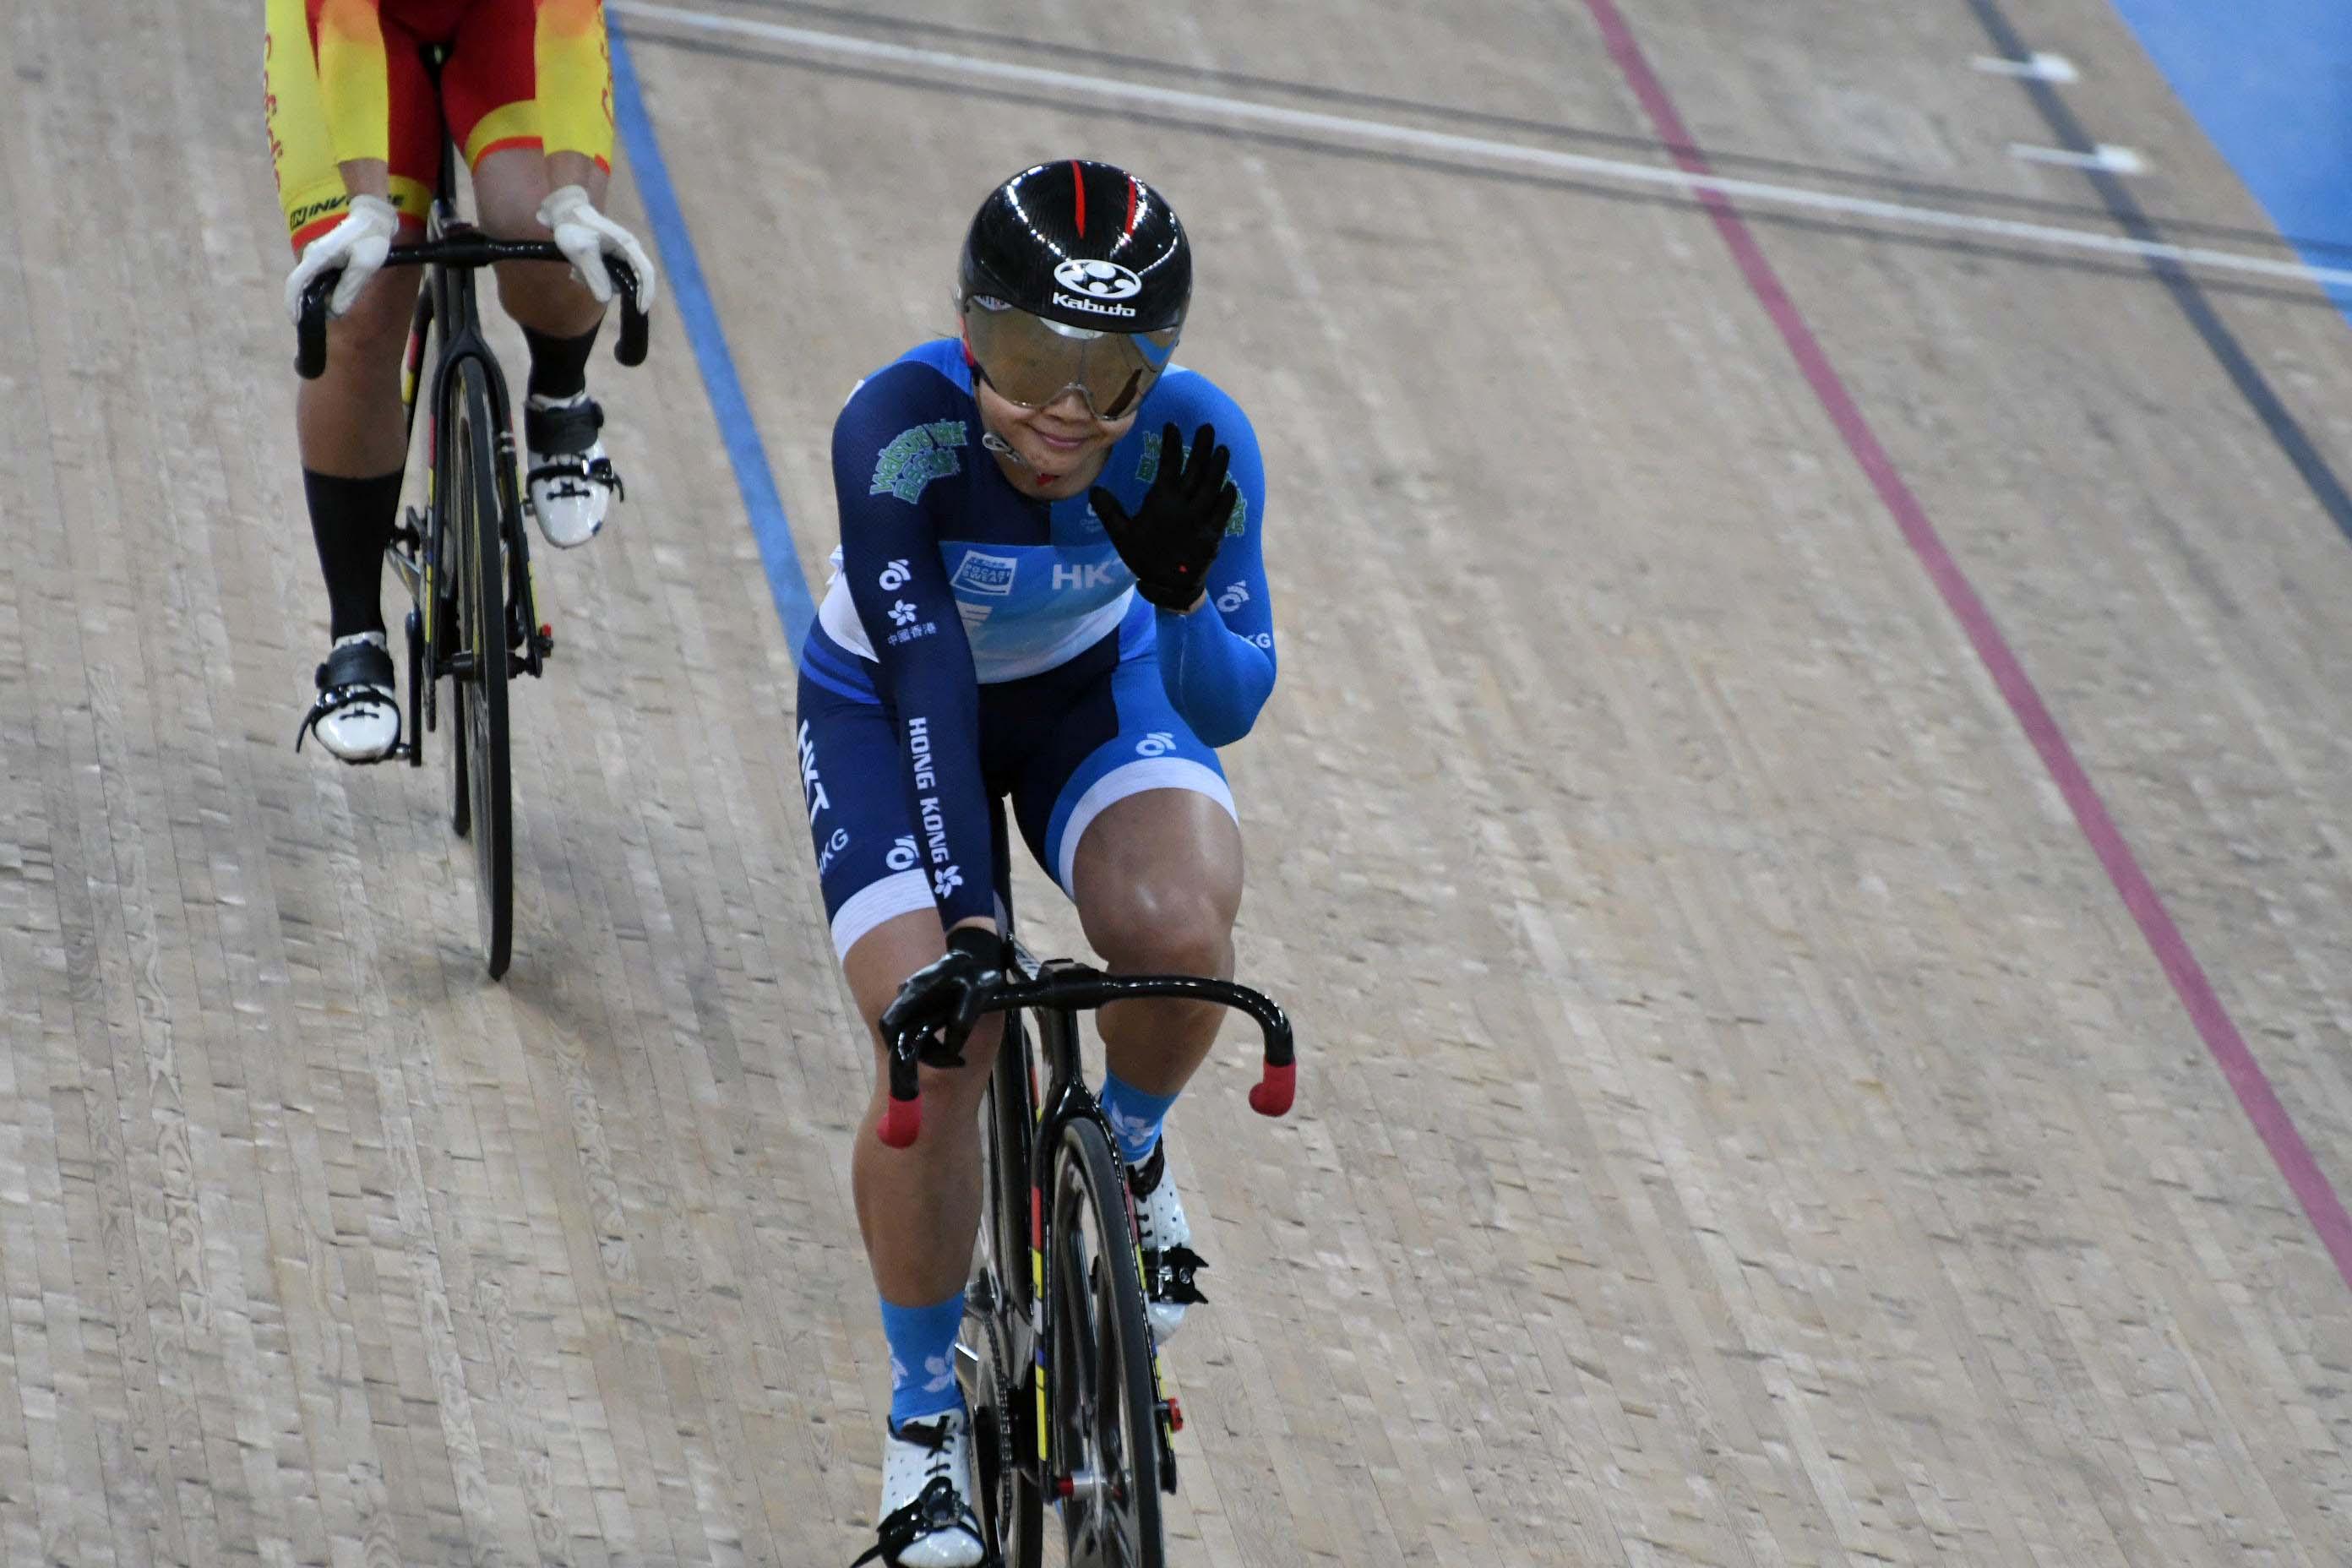 李慧詩於場地單車世界盃香港站奪得女子凱林賽金牌。郭晉朗攝